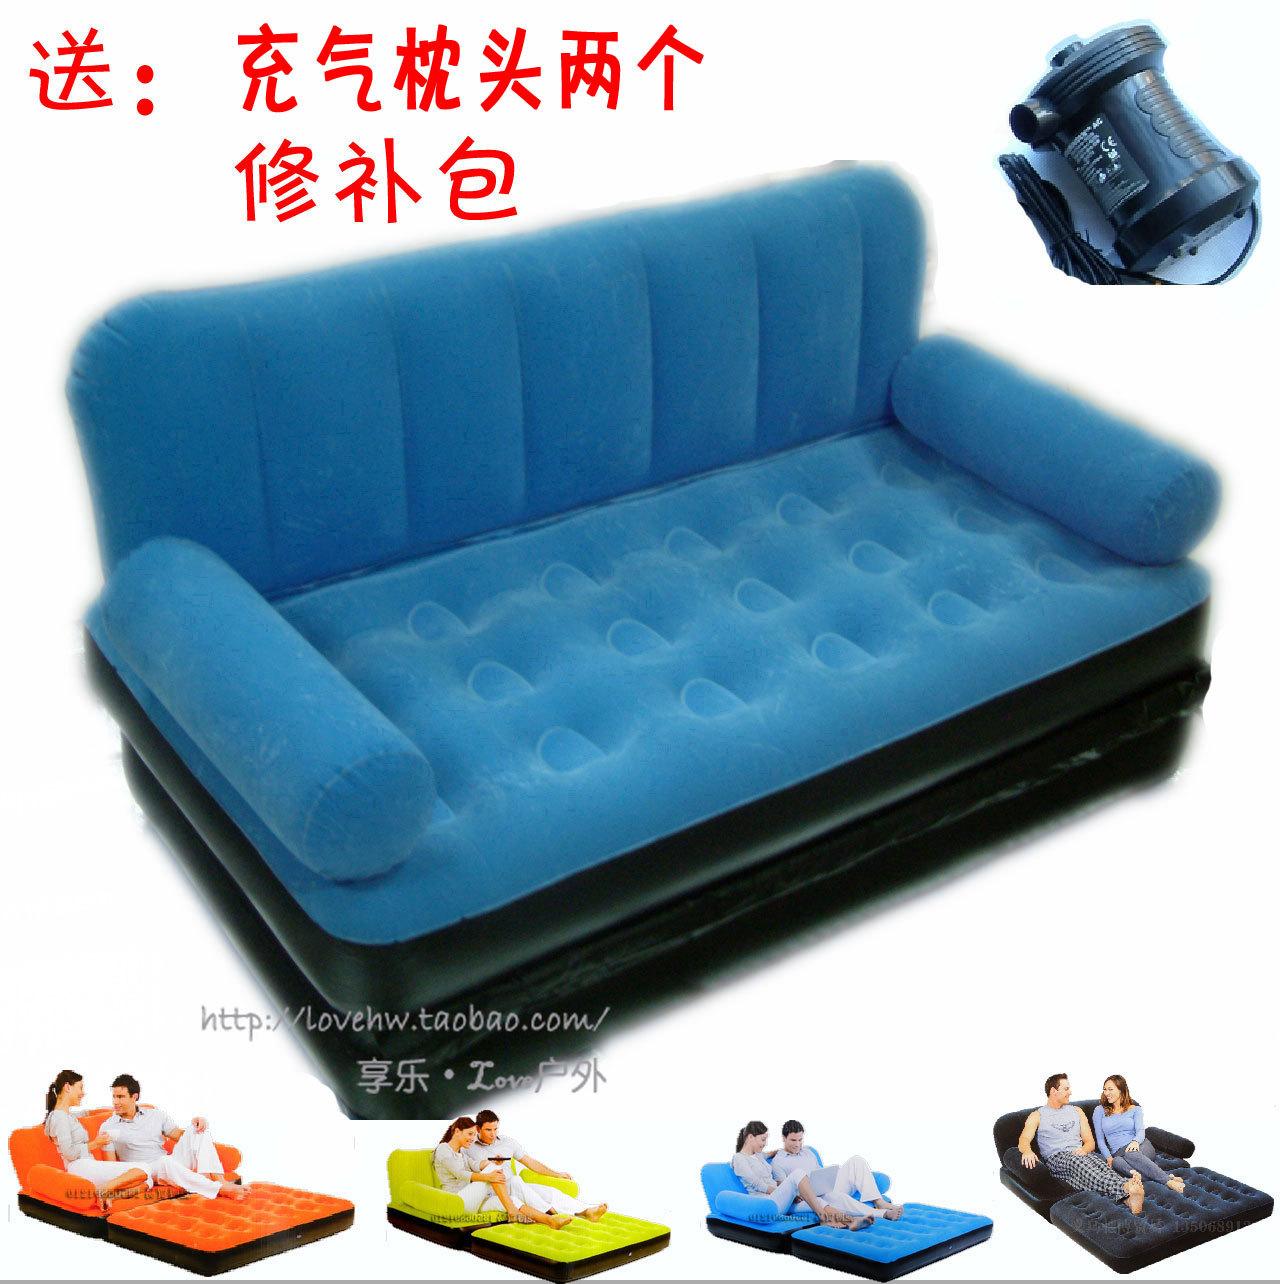 Двуспальный диван купить Москва